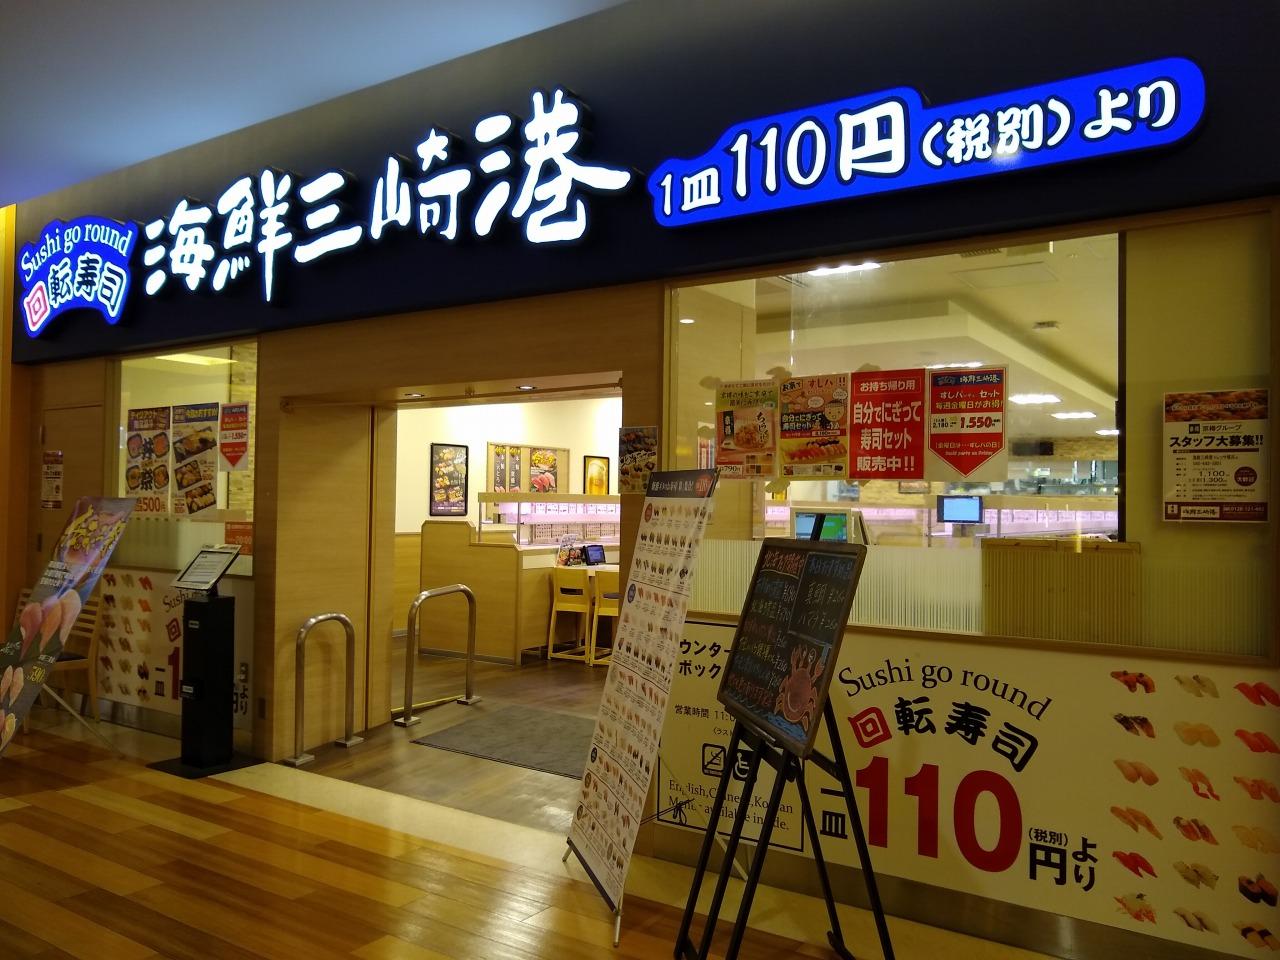 海鮮三崎港トレッサ横浜店